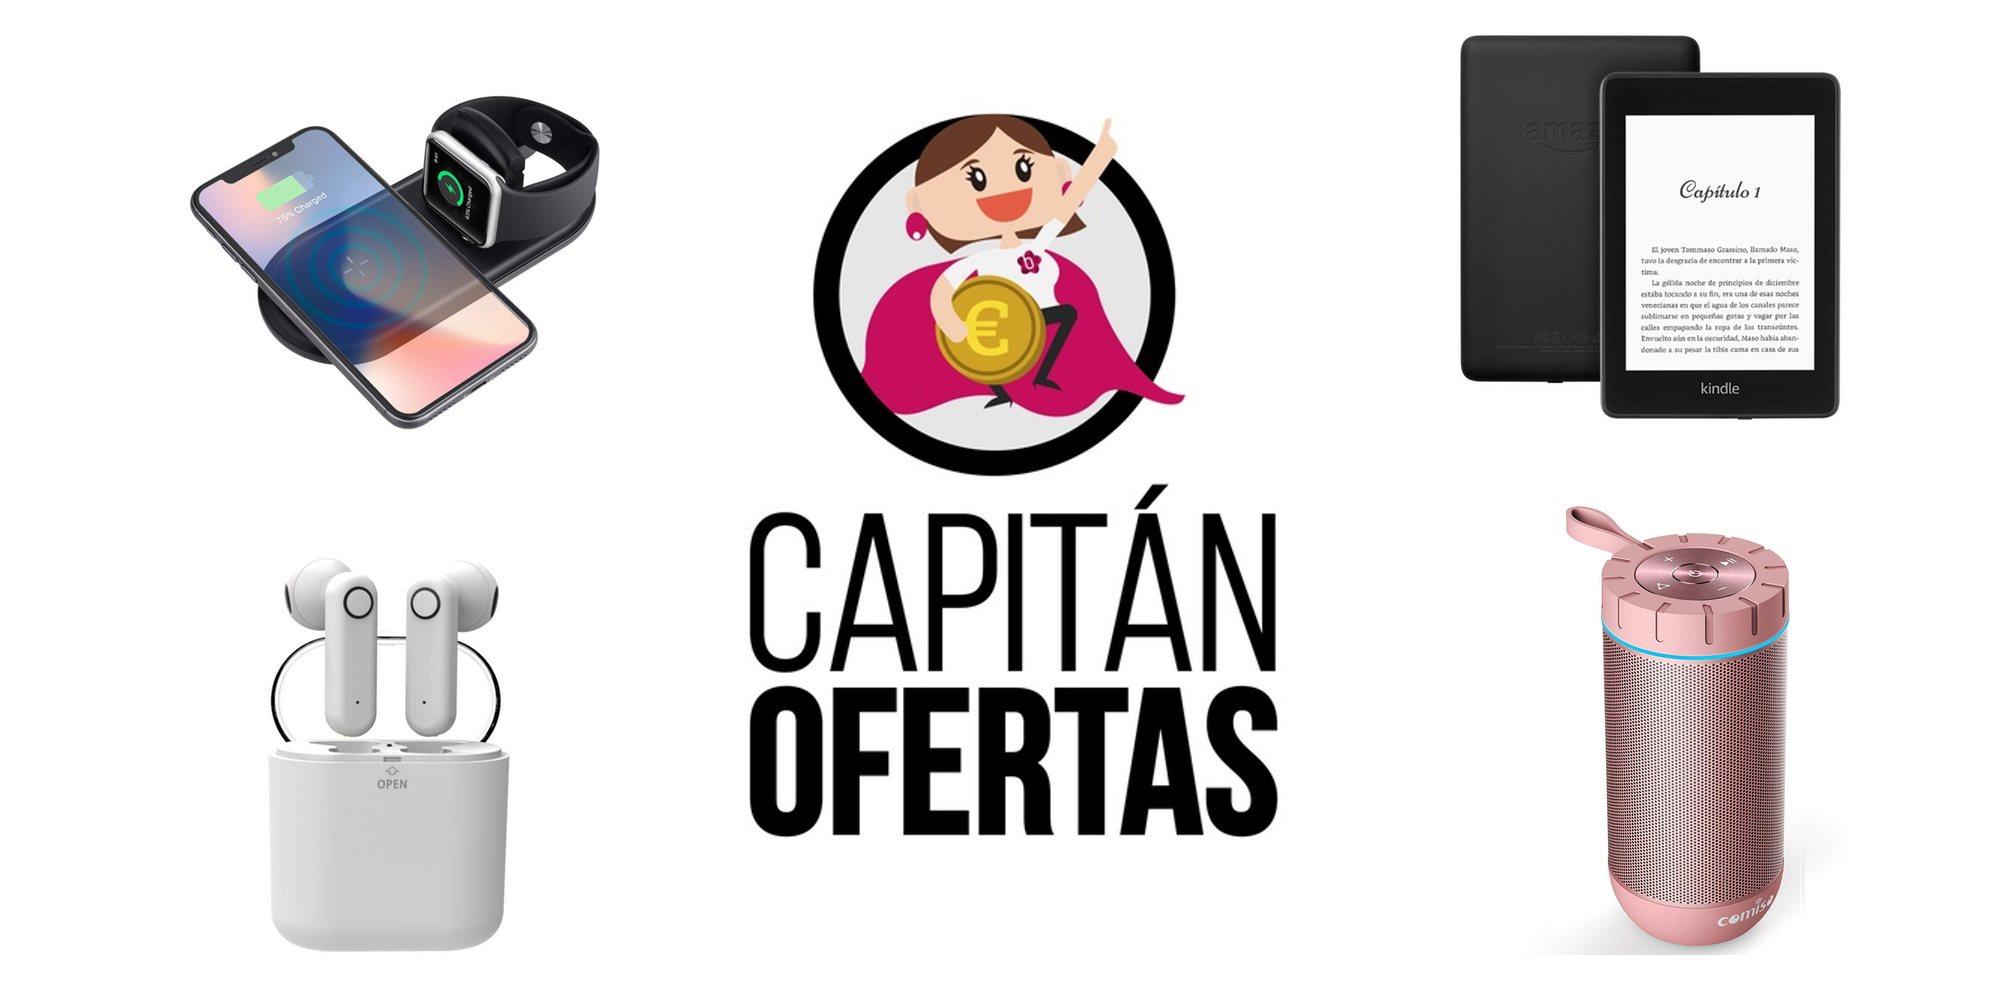 Capitán Ofertas te trae los mejores chollos en complementos tecnológicos